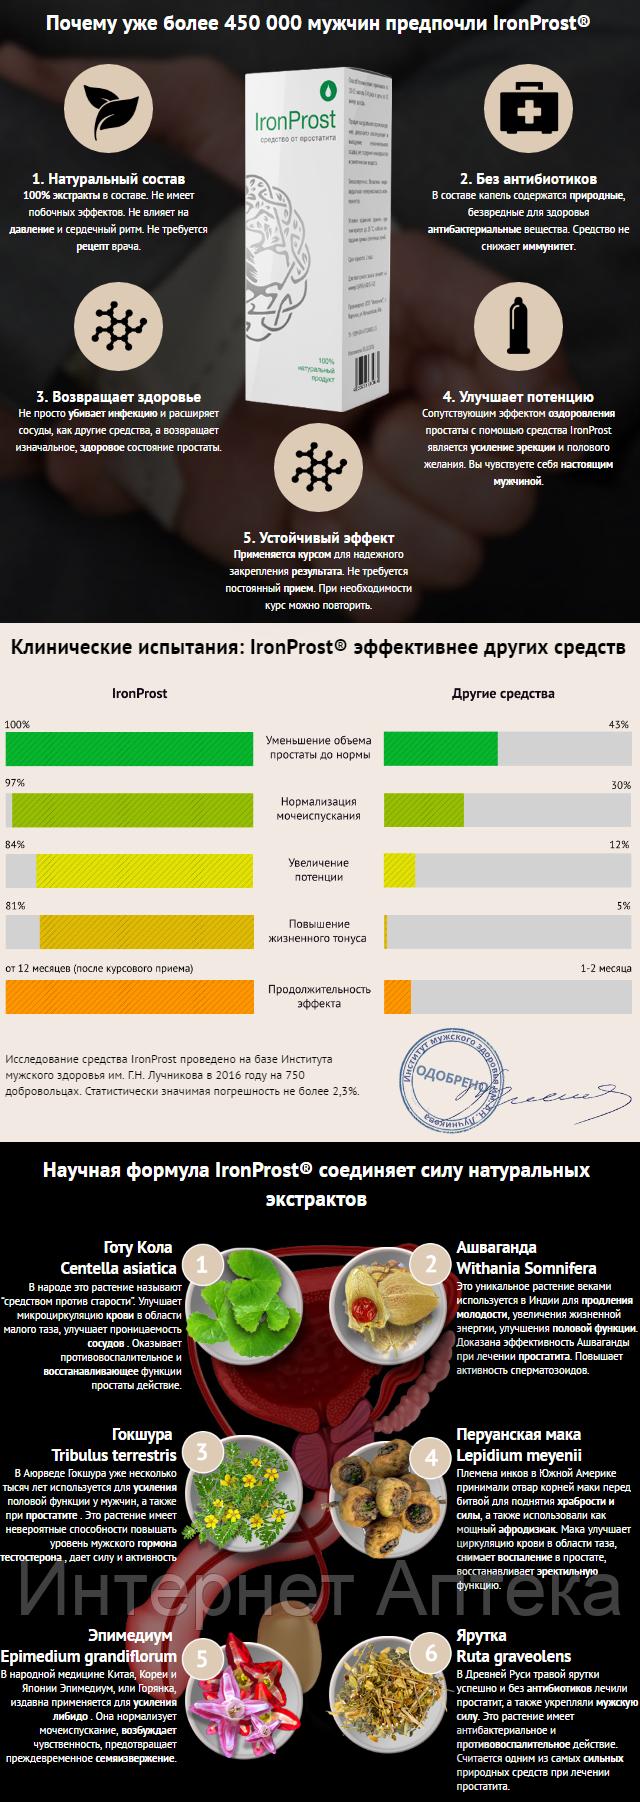 iron prost купить в украине